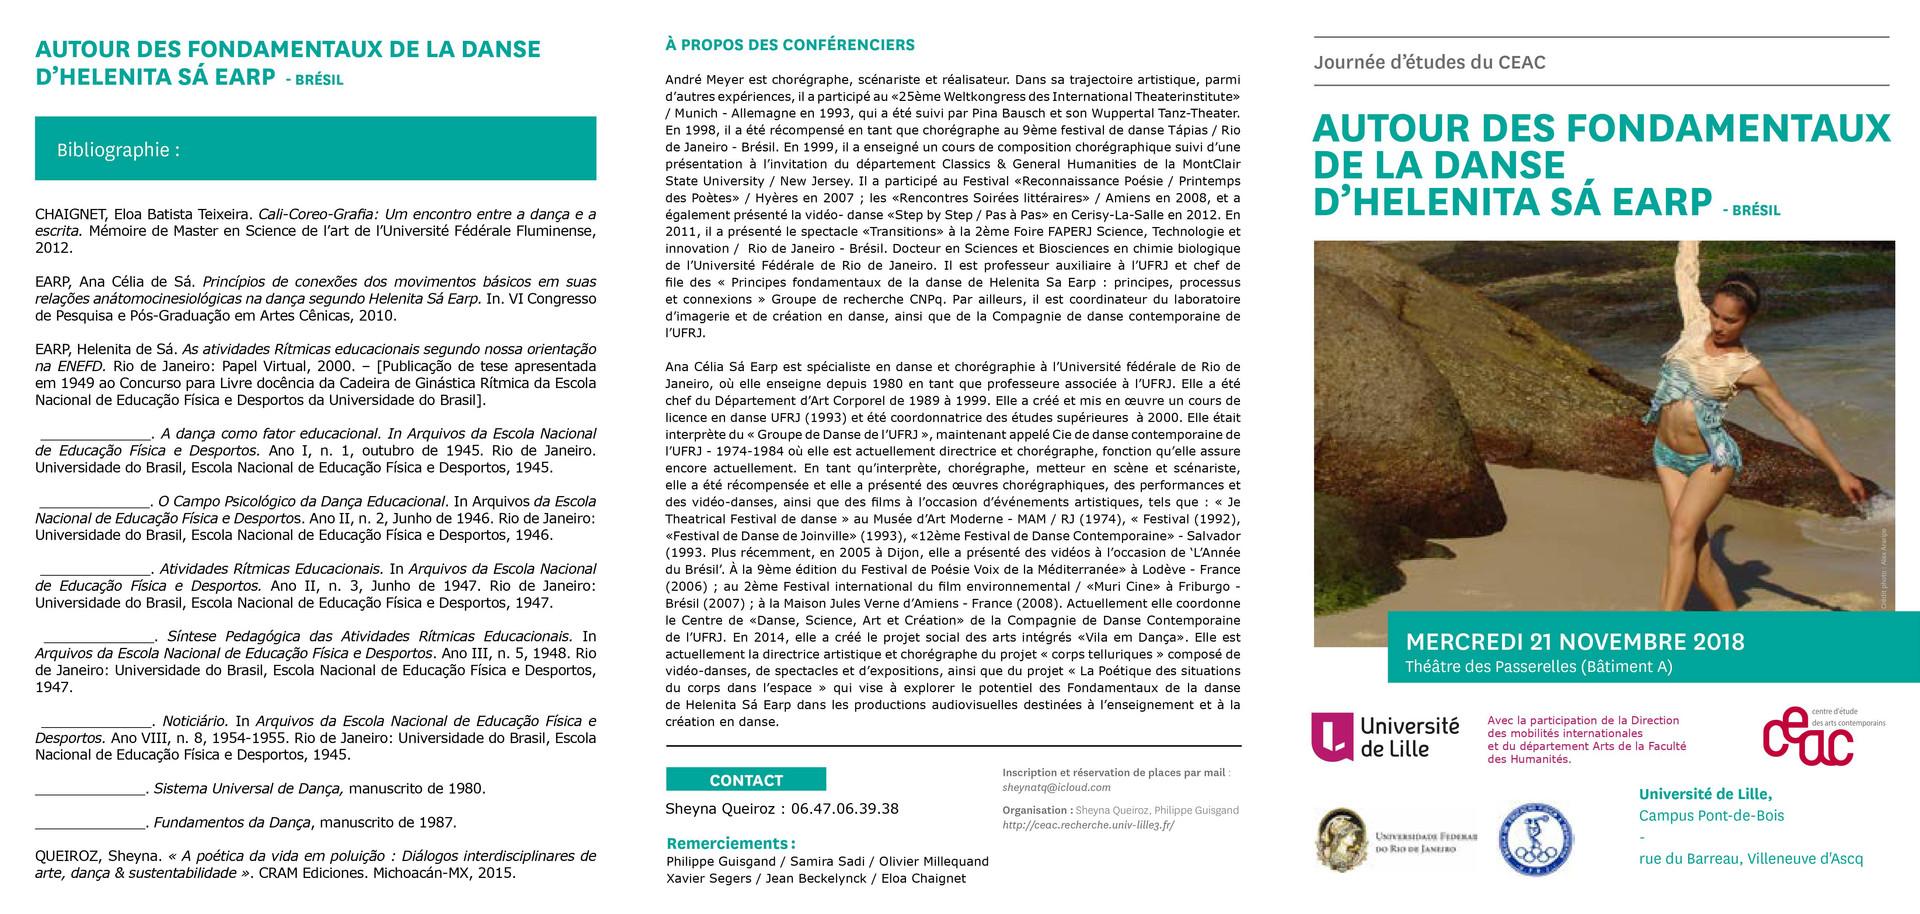 Le 29 novembre 2018 au Conservatoire de Lille sous la direction de Sébastien Thierry et l'interlocution de Cecile Lagache et Catherine Petit-Wood.